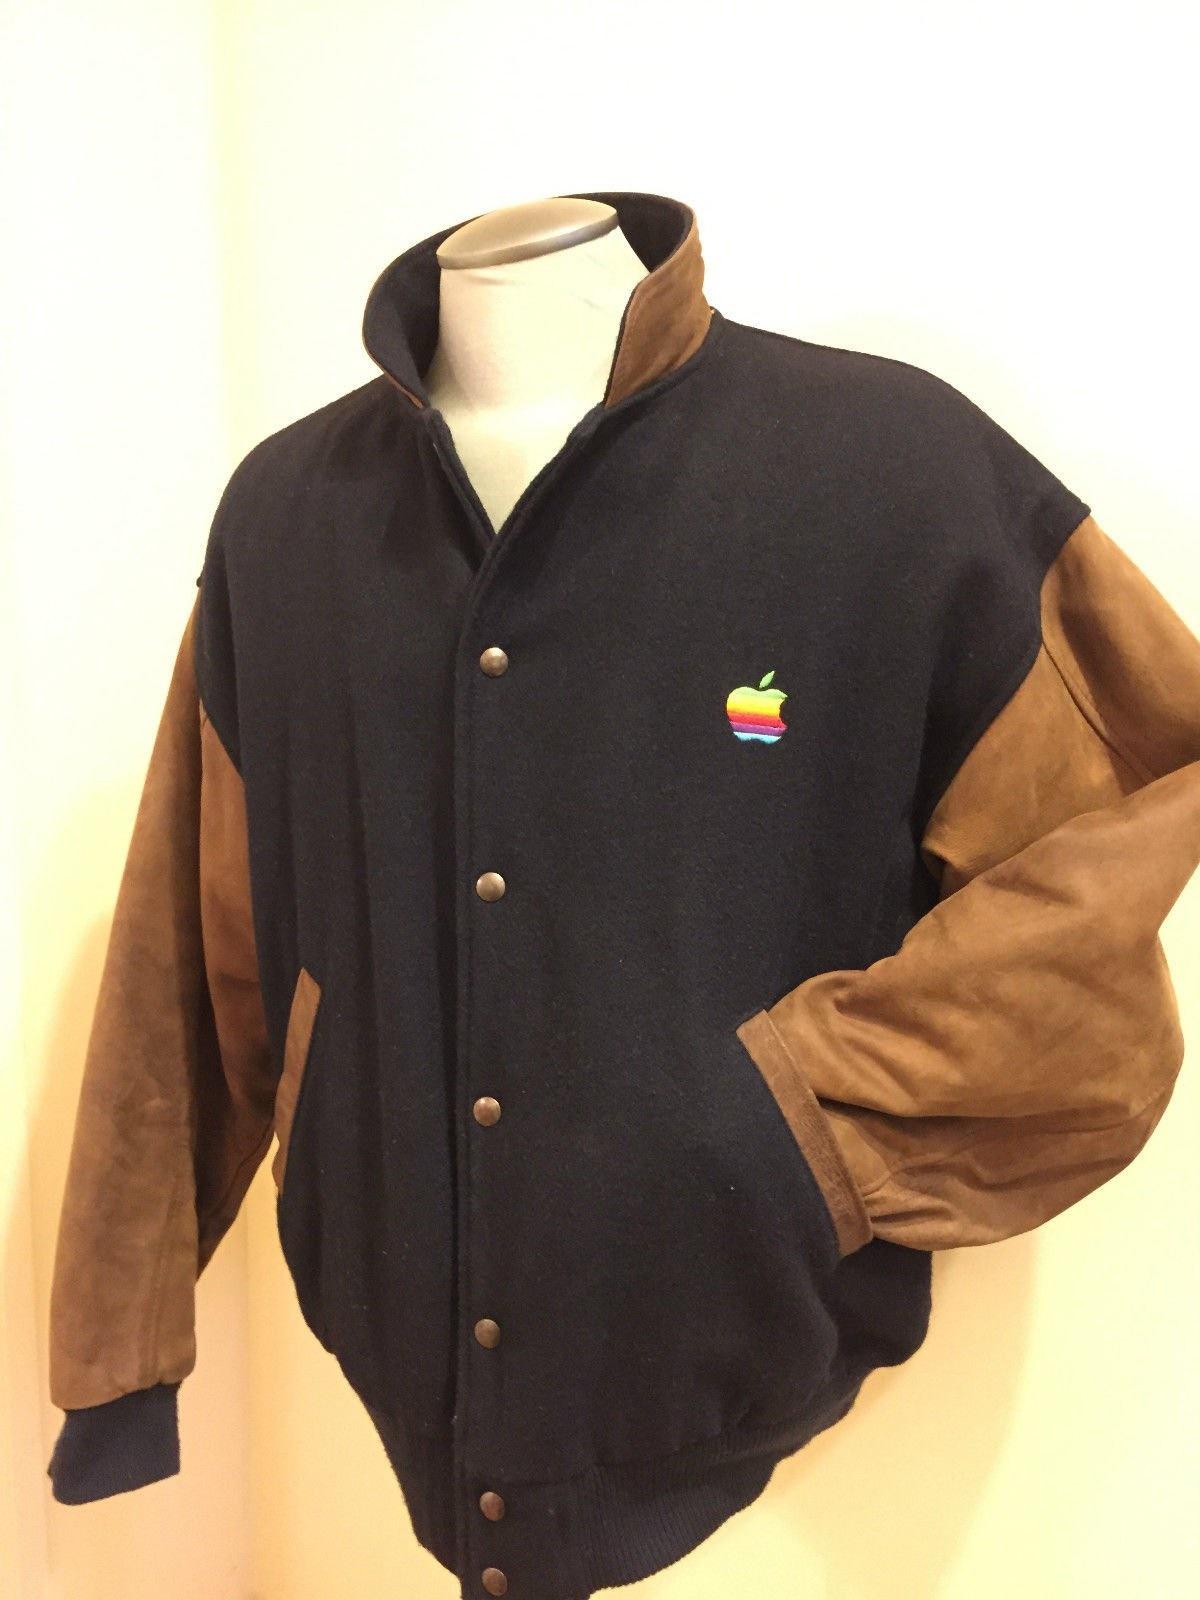 تصاویری از لباسهای تبلیغاتی شرکتهای فناورانه اپل، مایکروسافت و... در دهه 70 و 80